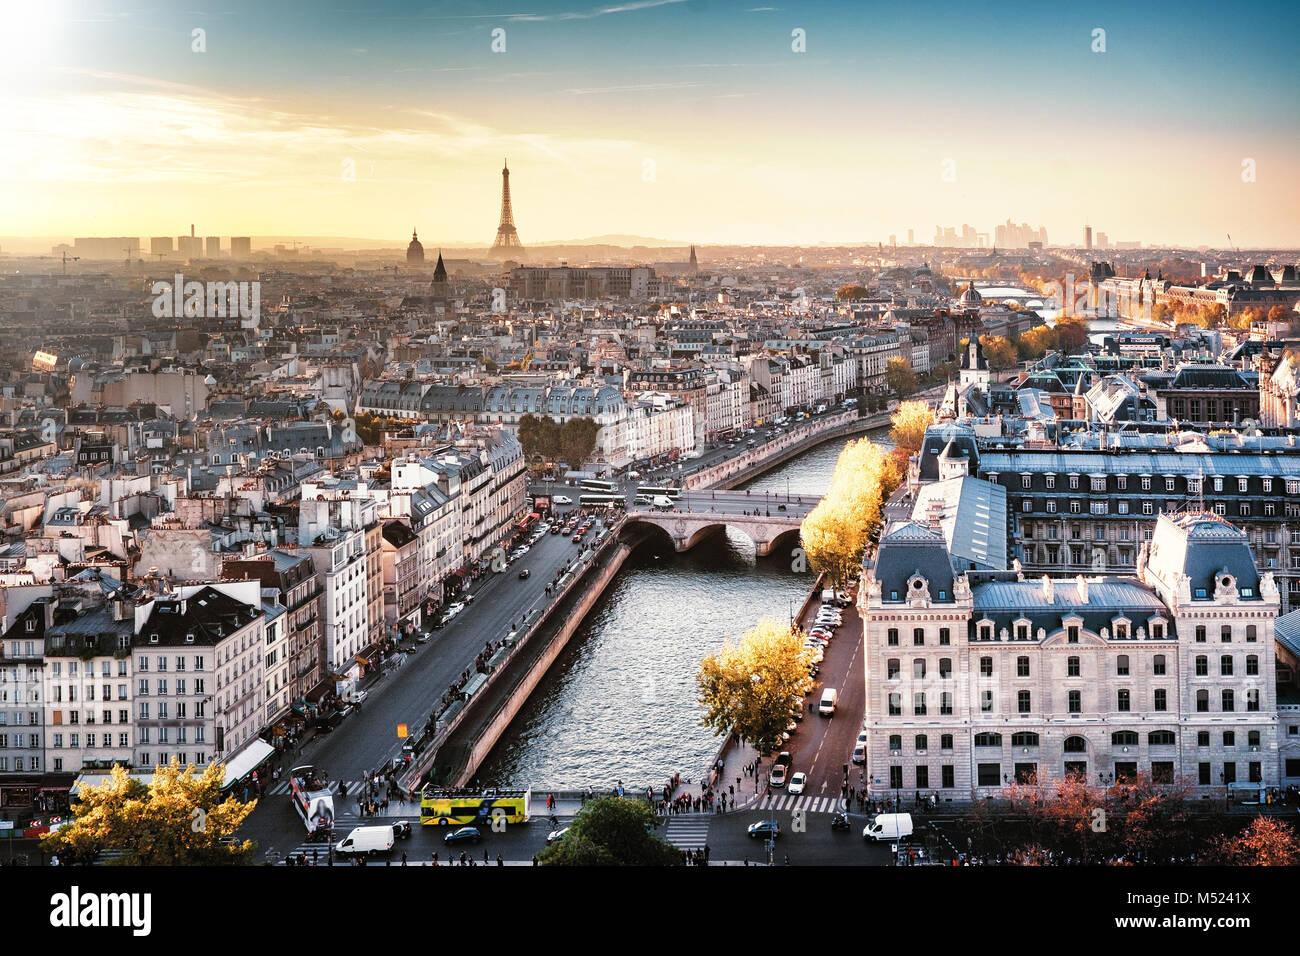 Paris, Frankreich, seine Stadtbild in herbstlichen Farben. Eiffelturm und La Defense im Hintergrund. Nebligen Himmel. Stockfoto